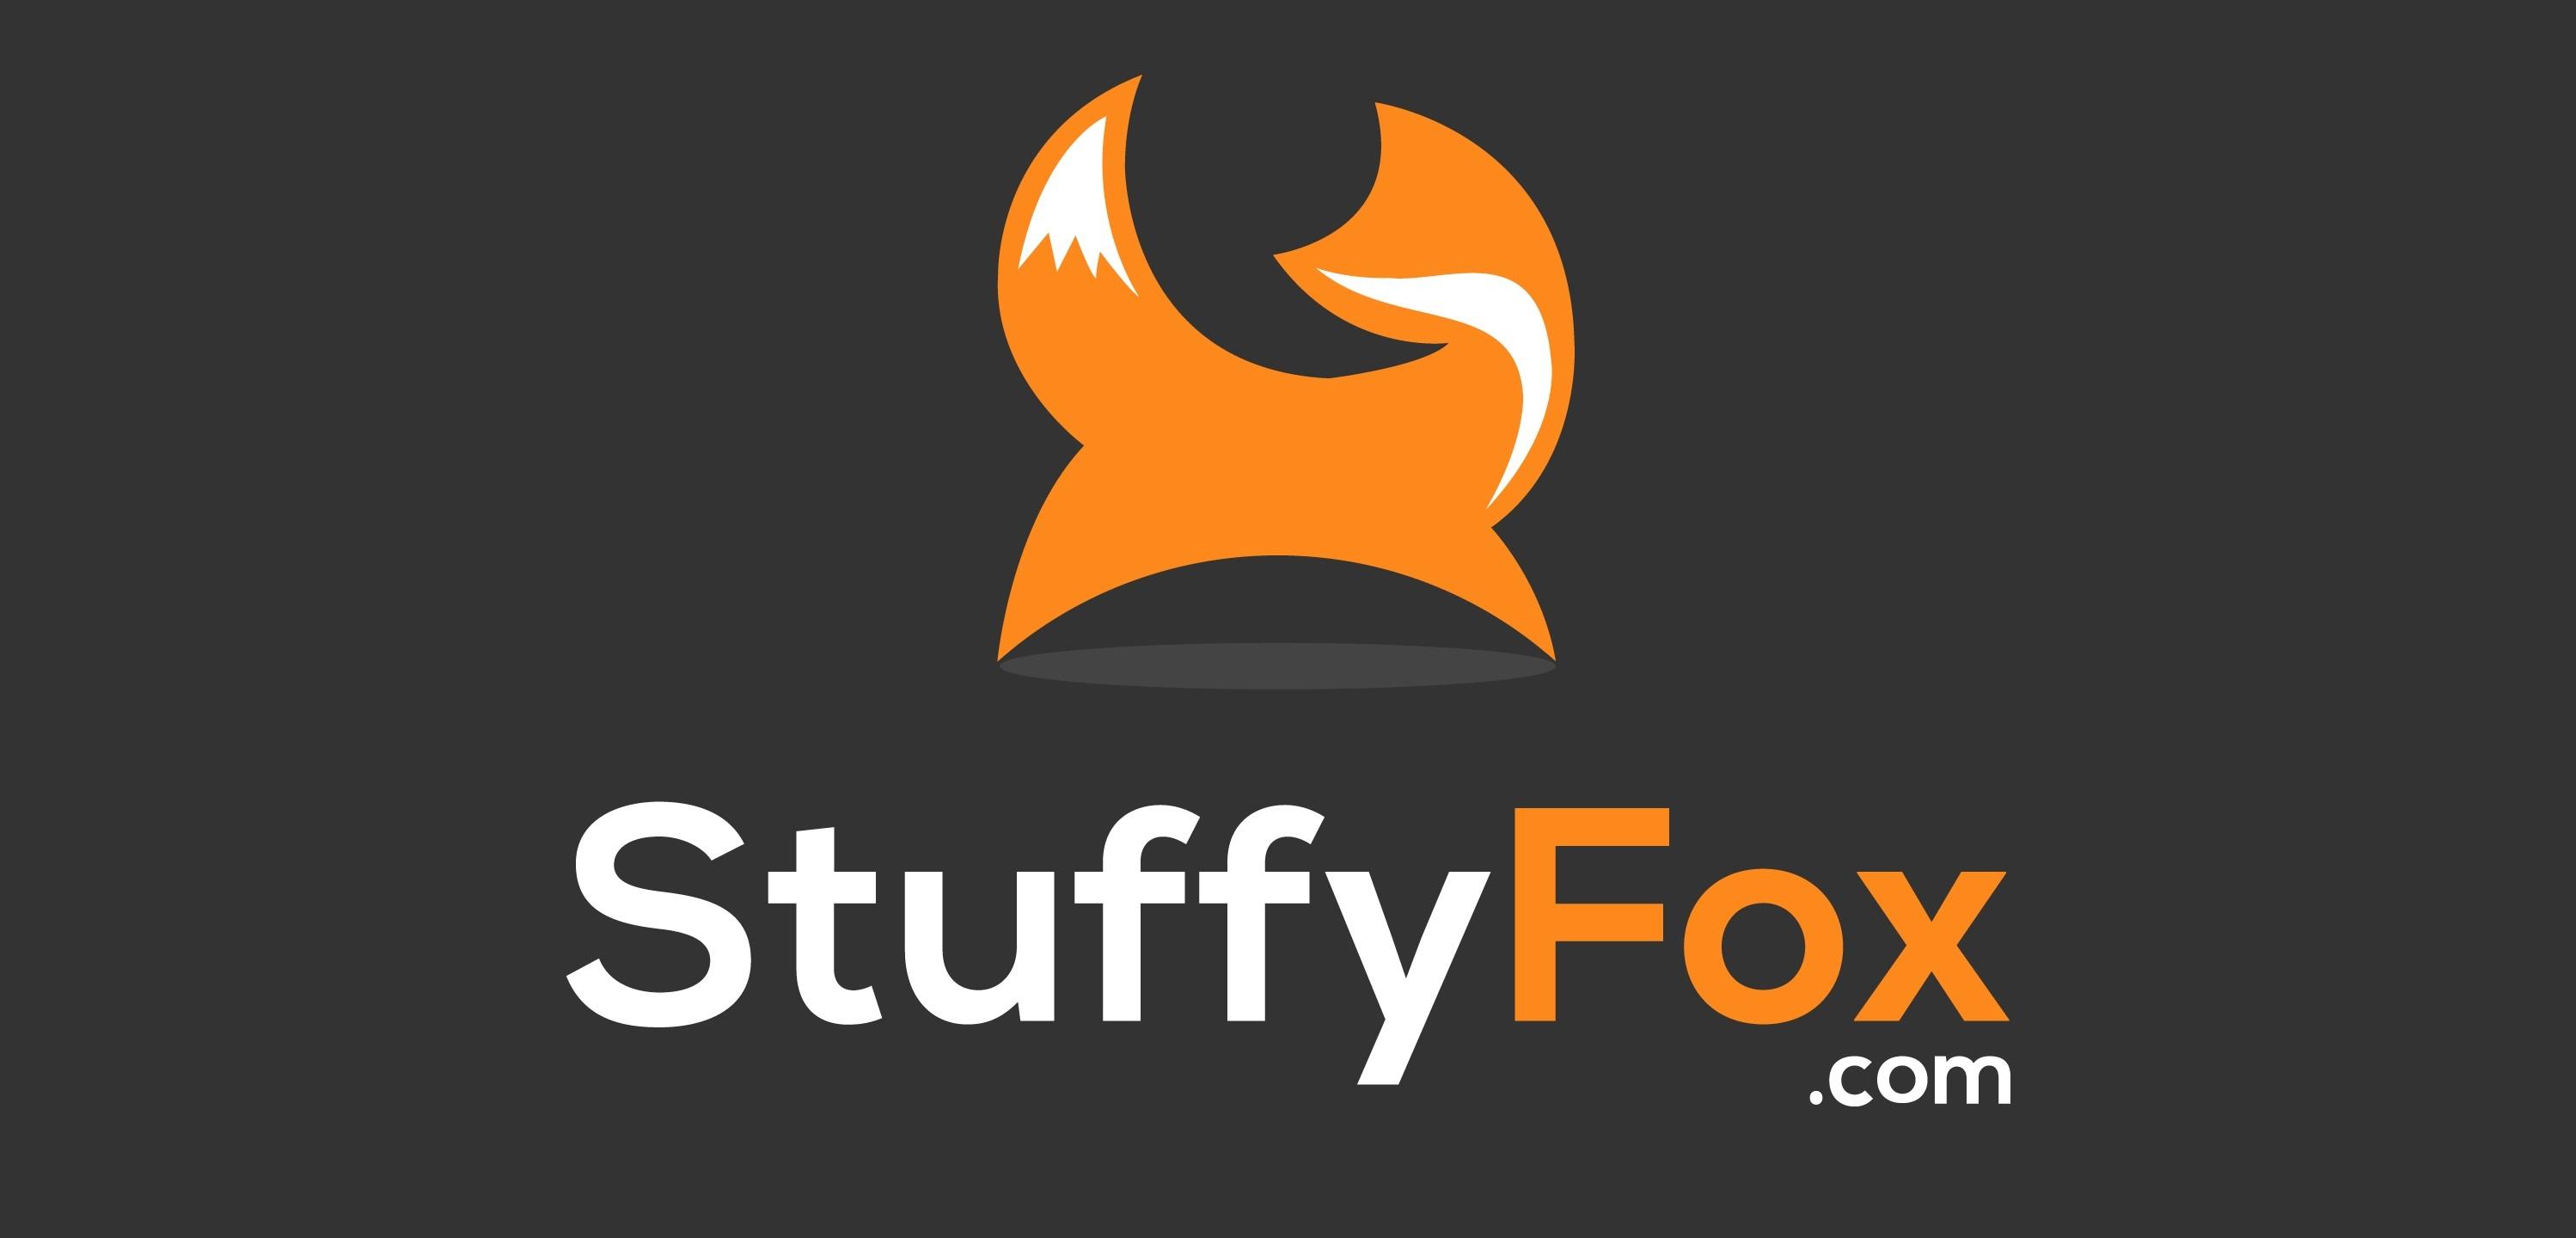 StuffyFox